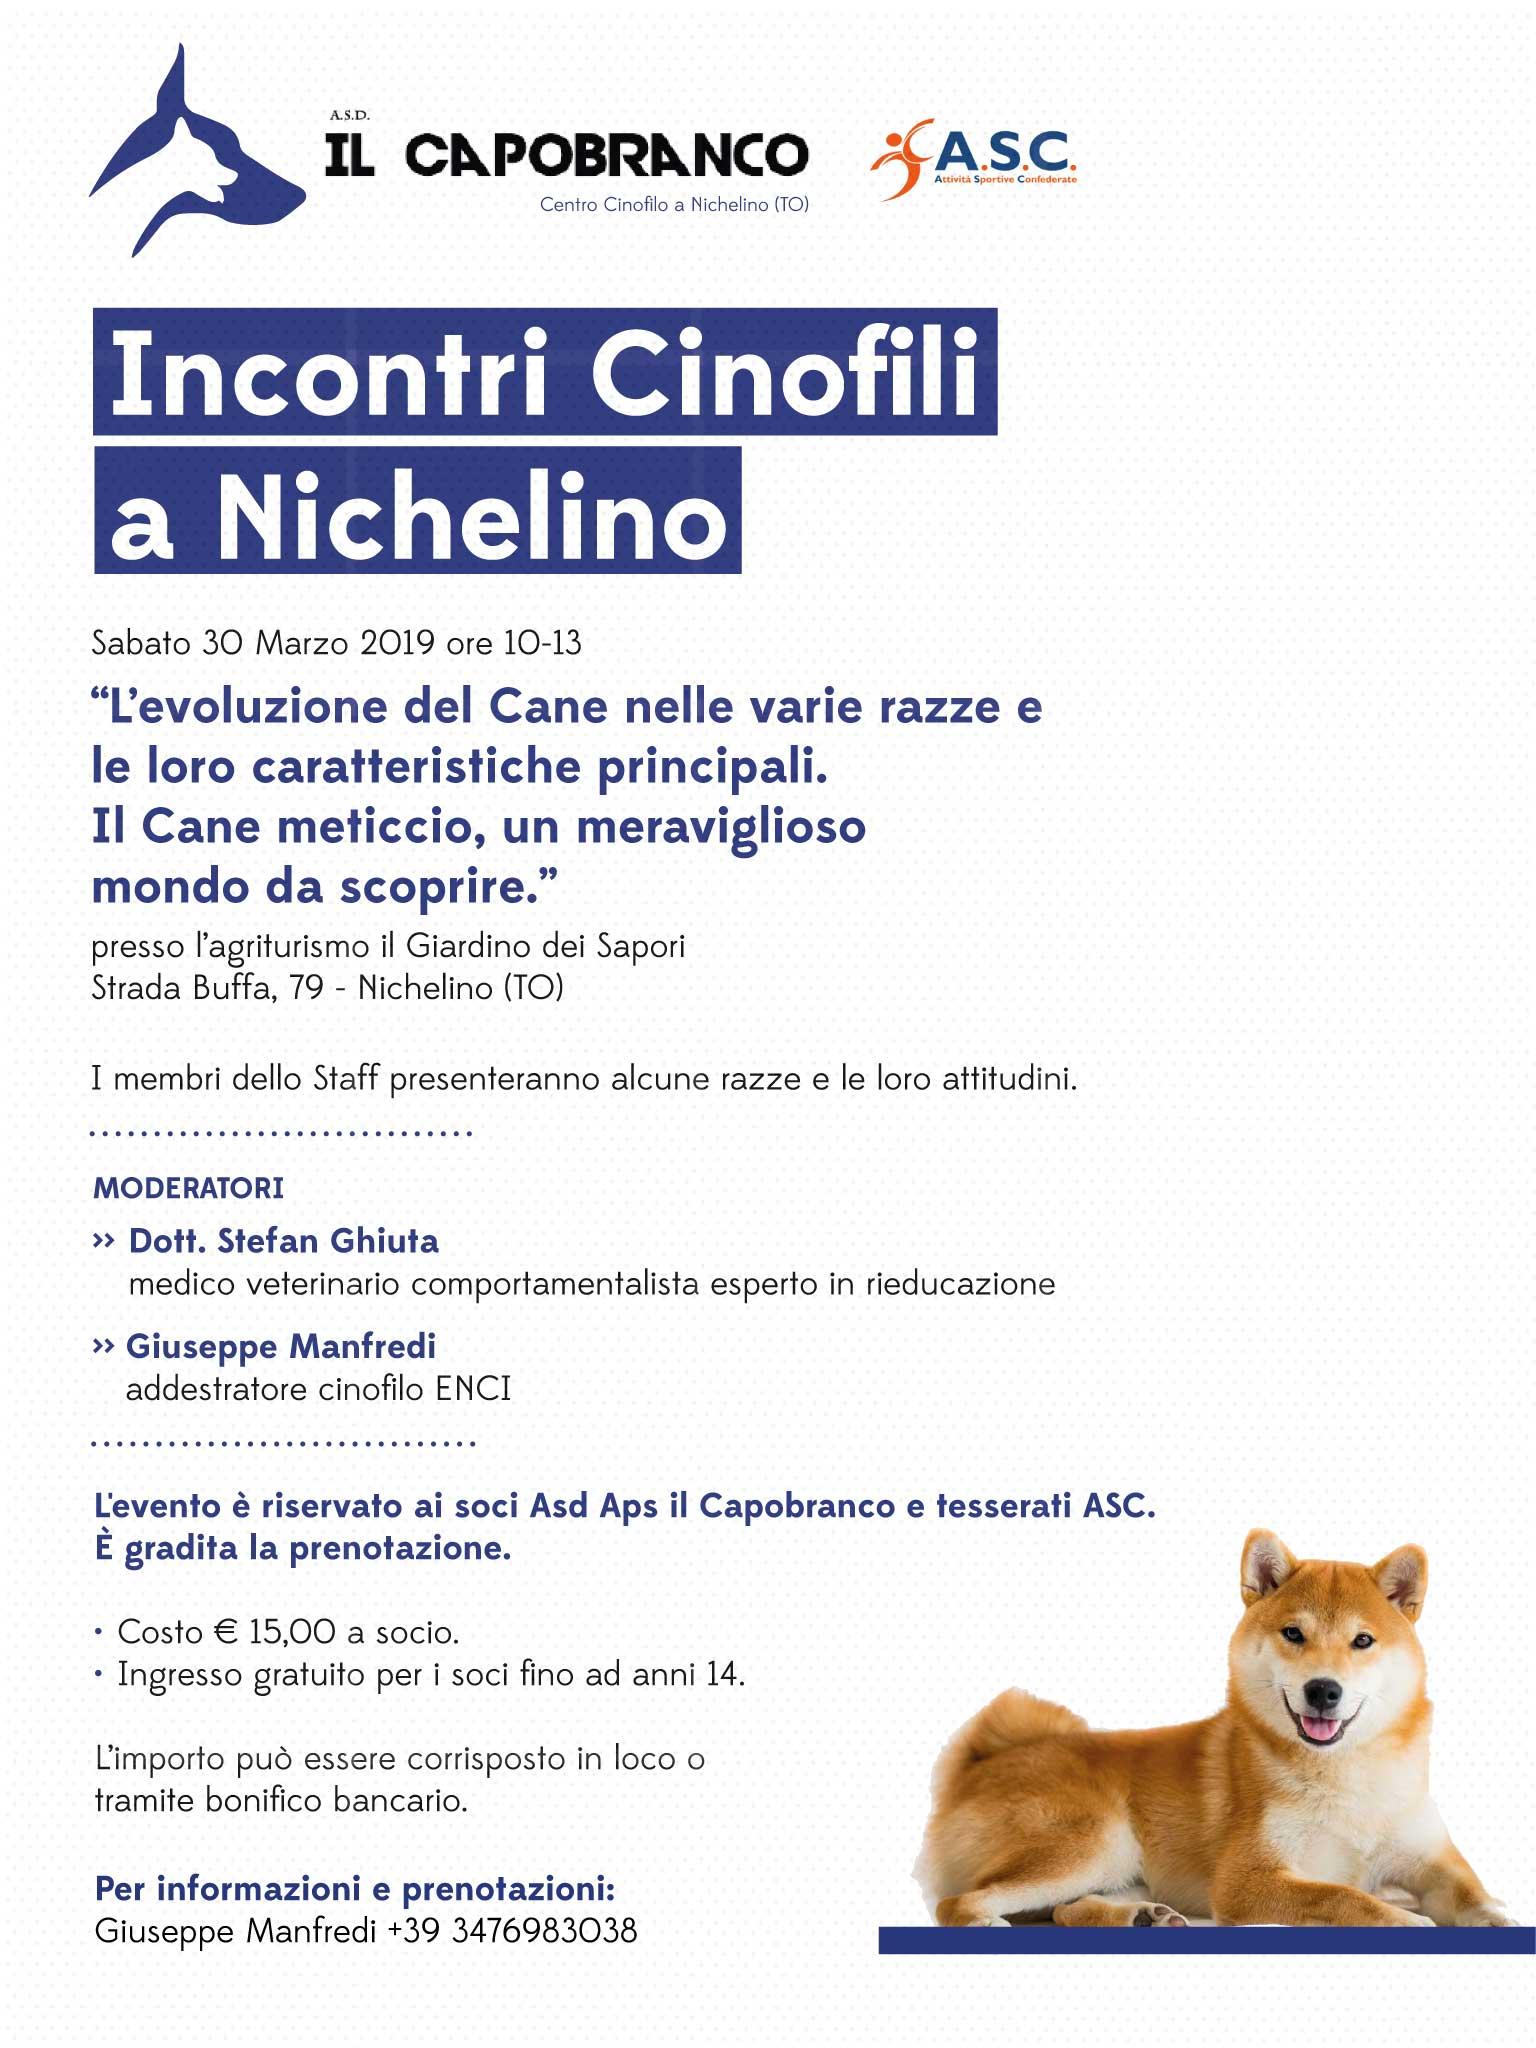 Incontri-Cinofili-Nichelino